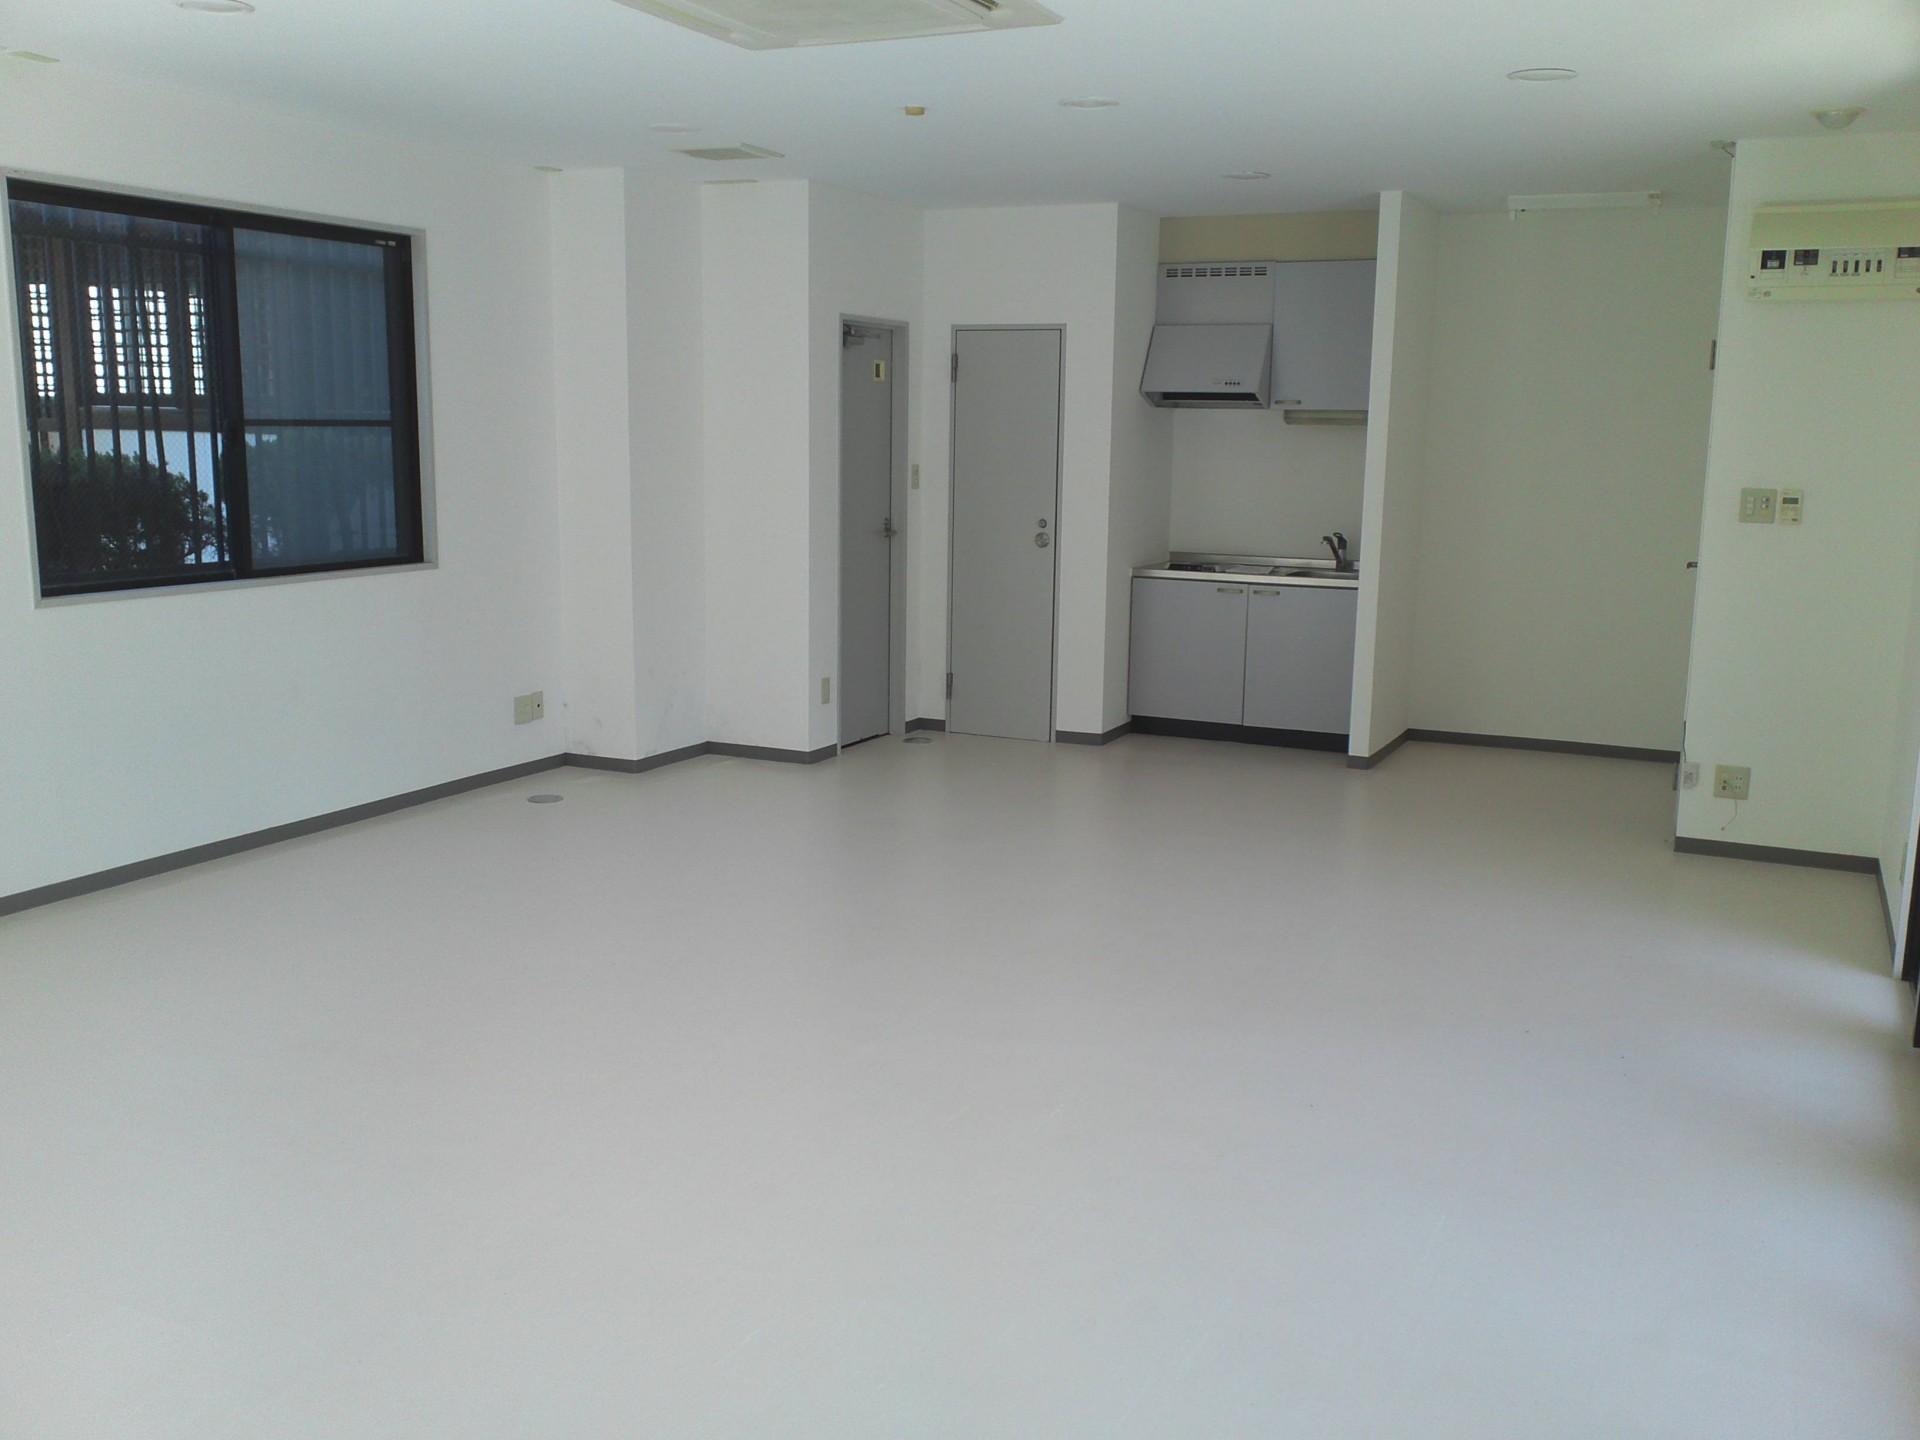 中はすっきりした空間。既存設備をそのまま生かすならば事務所としての利用がベストです。